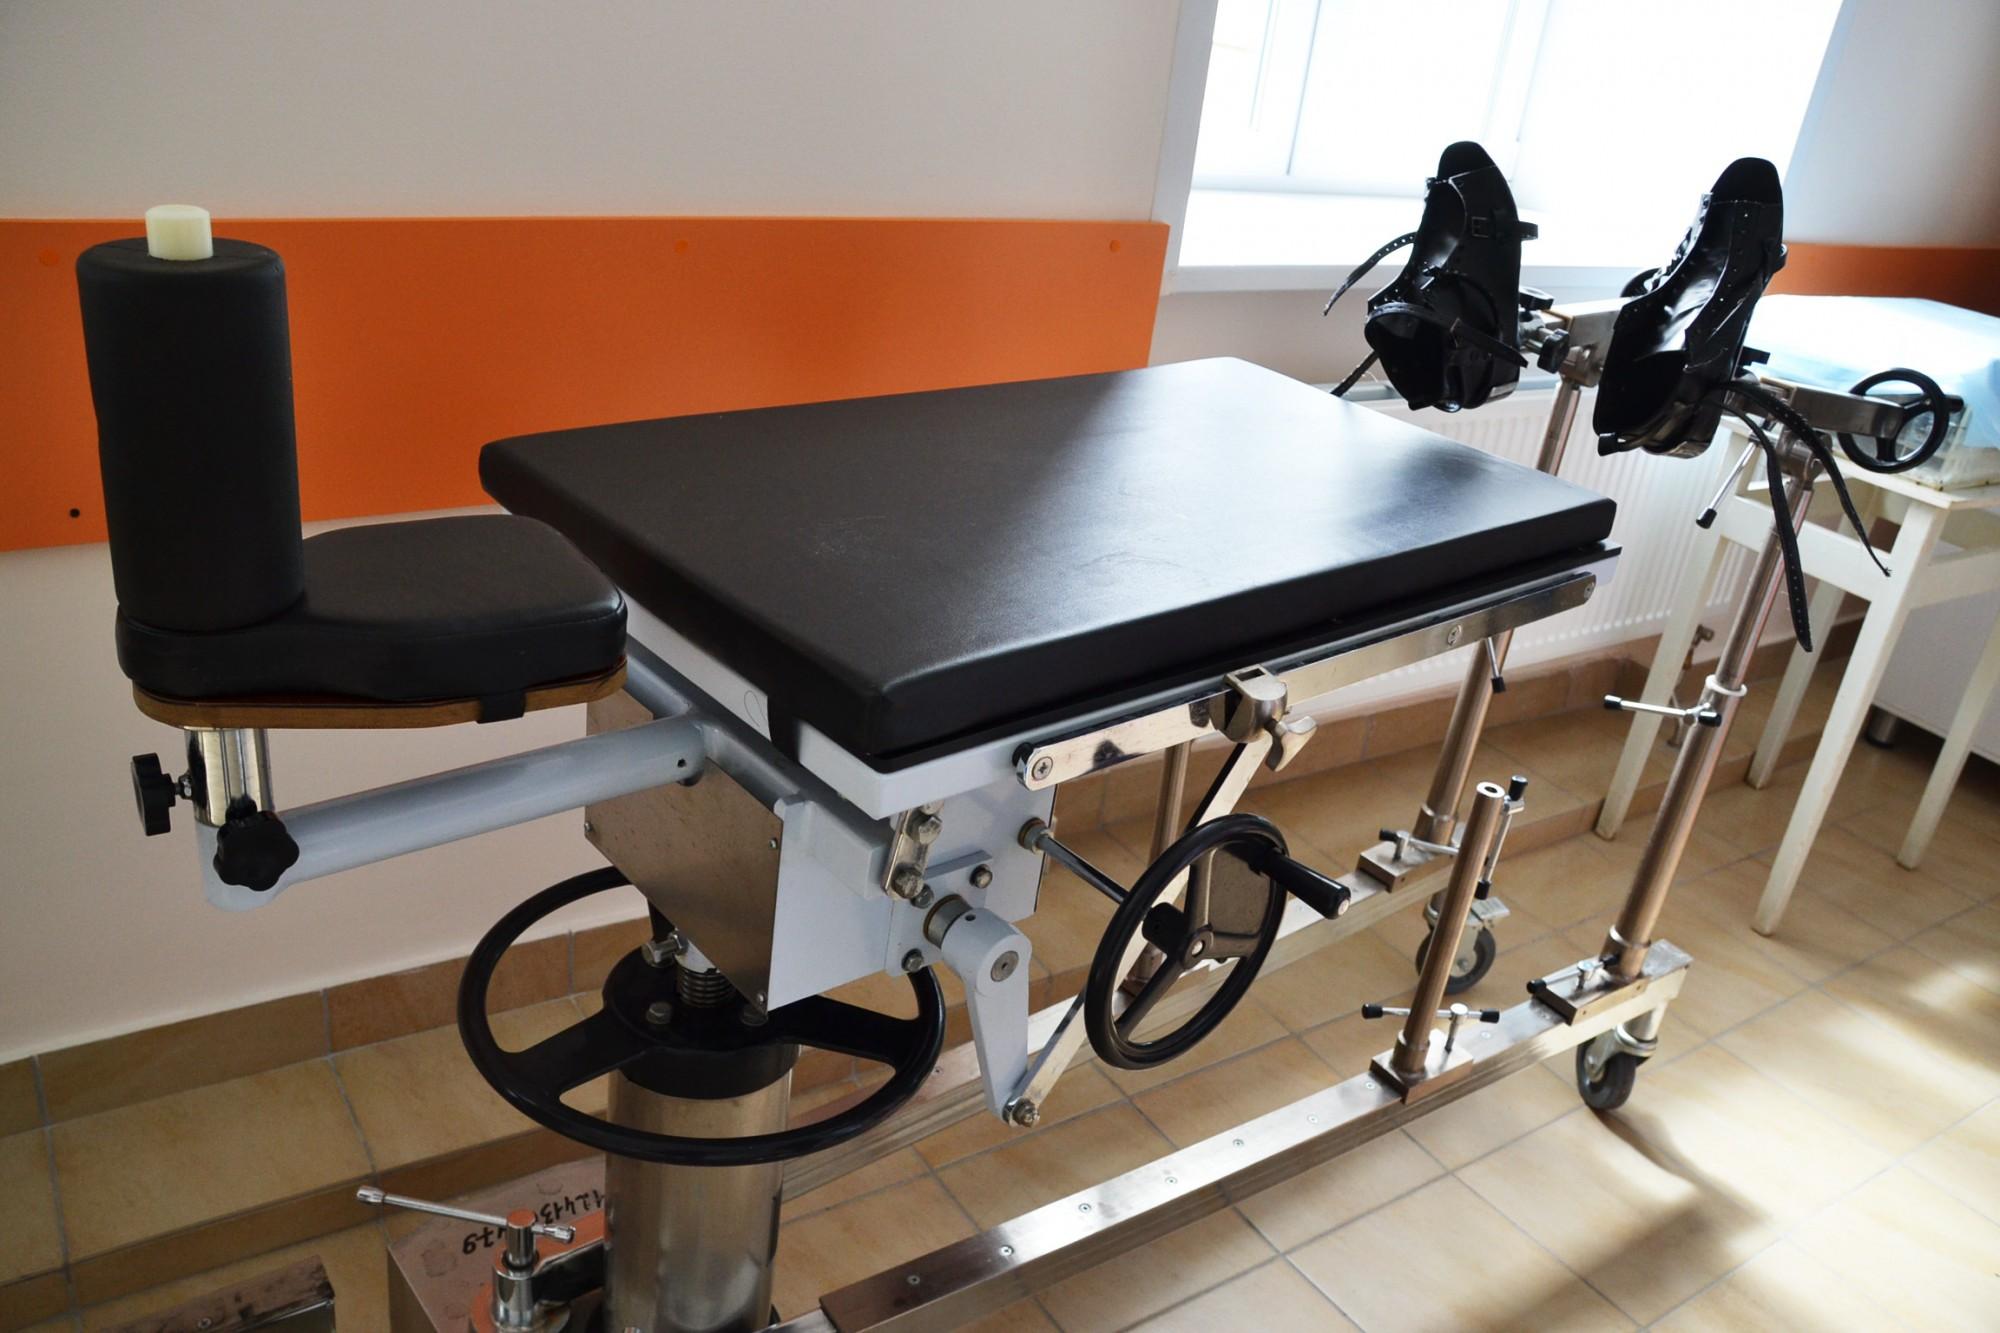 13 поликлиника режим работы флюорографии